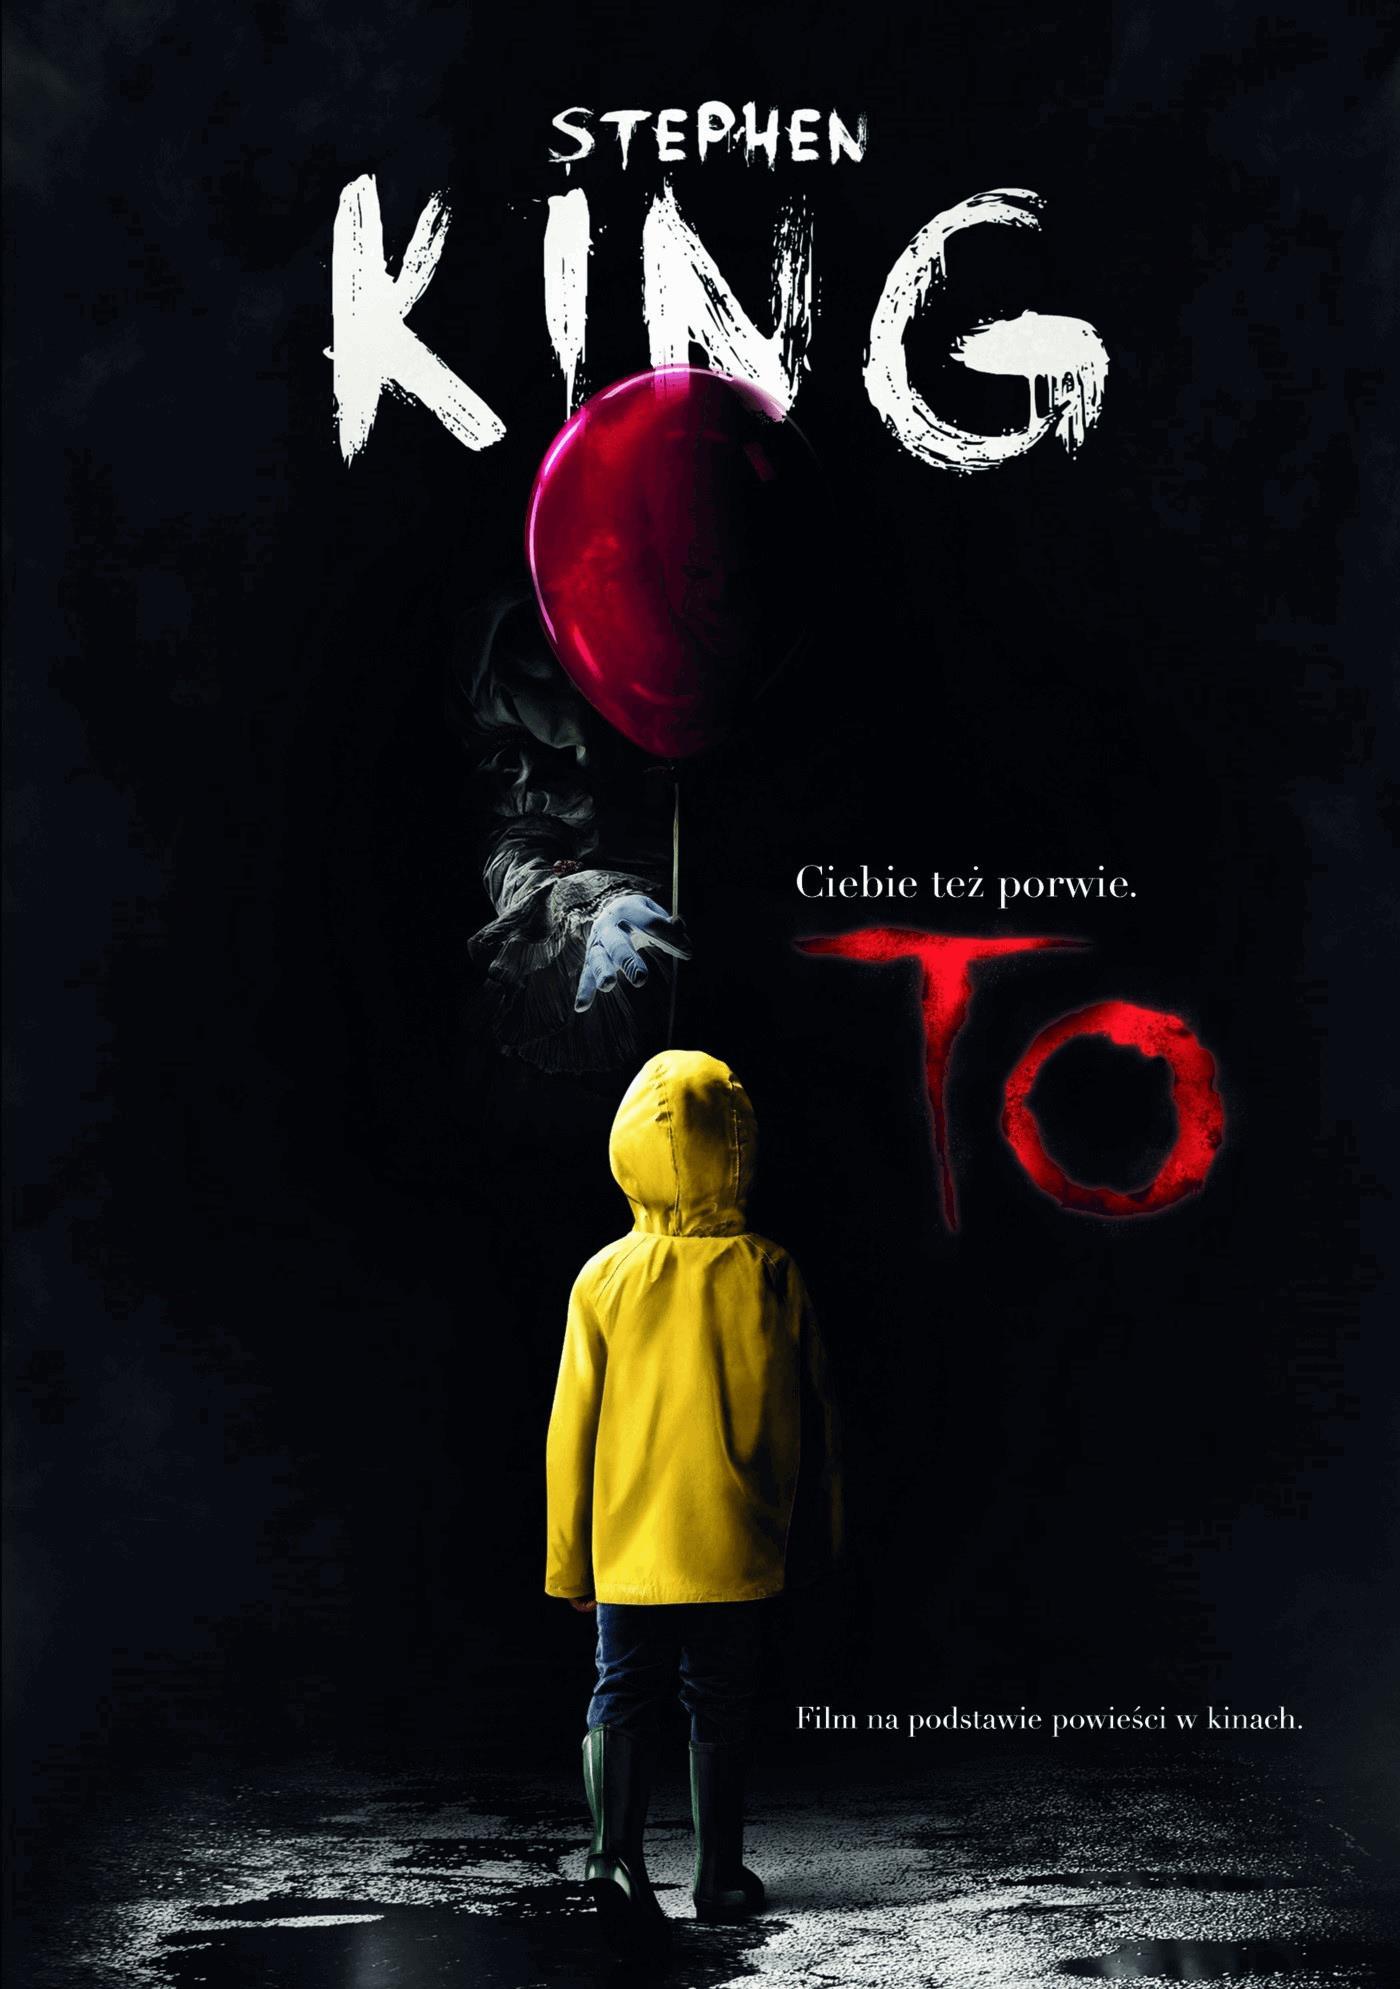 TO - Tylko w Legimi możesz przeczytać ten tytuł przez 7 dni za darmo. - Stephen King